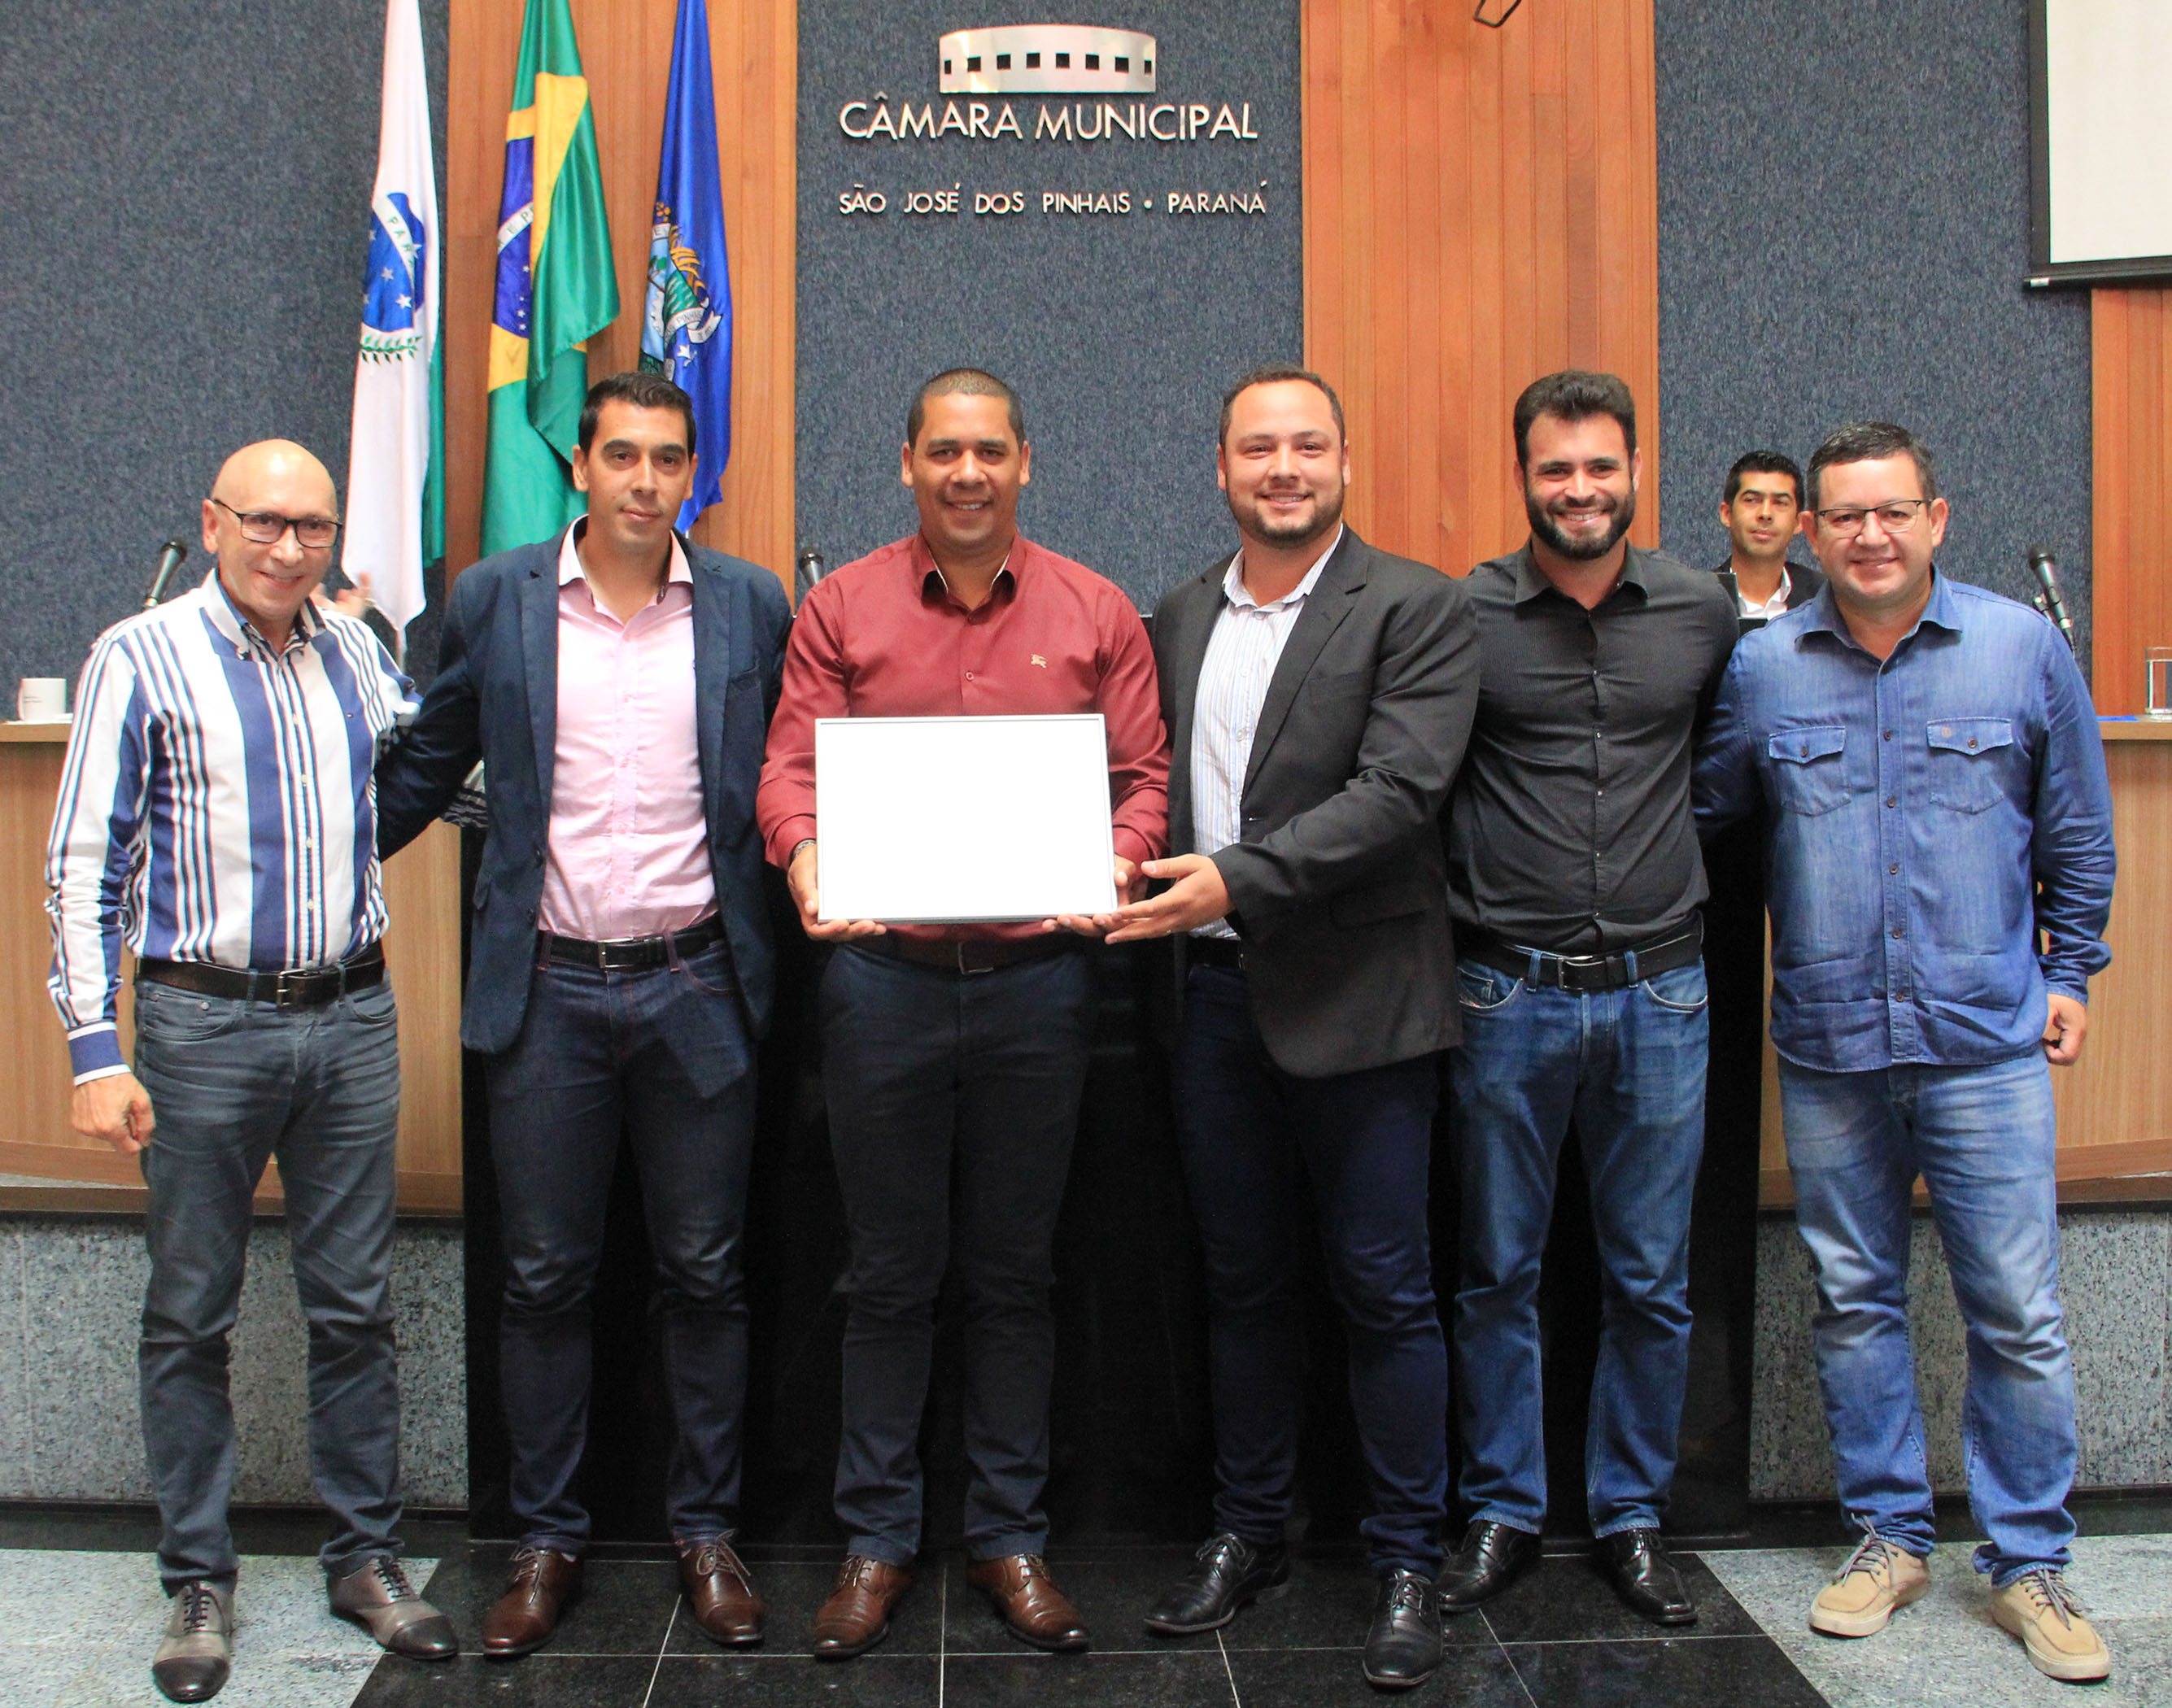 Clube Independente Futebol São-Joseense recebe Votos de Louvor e Reconhecimento